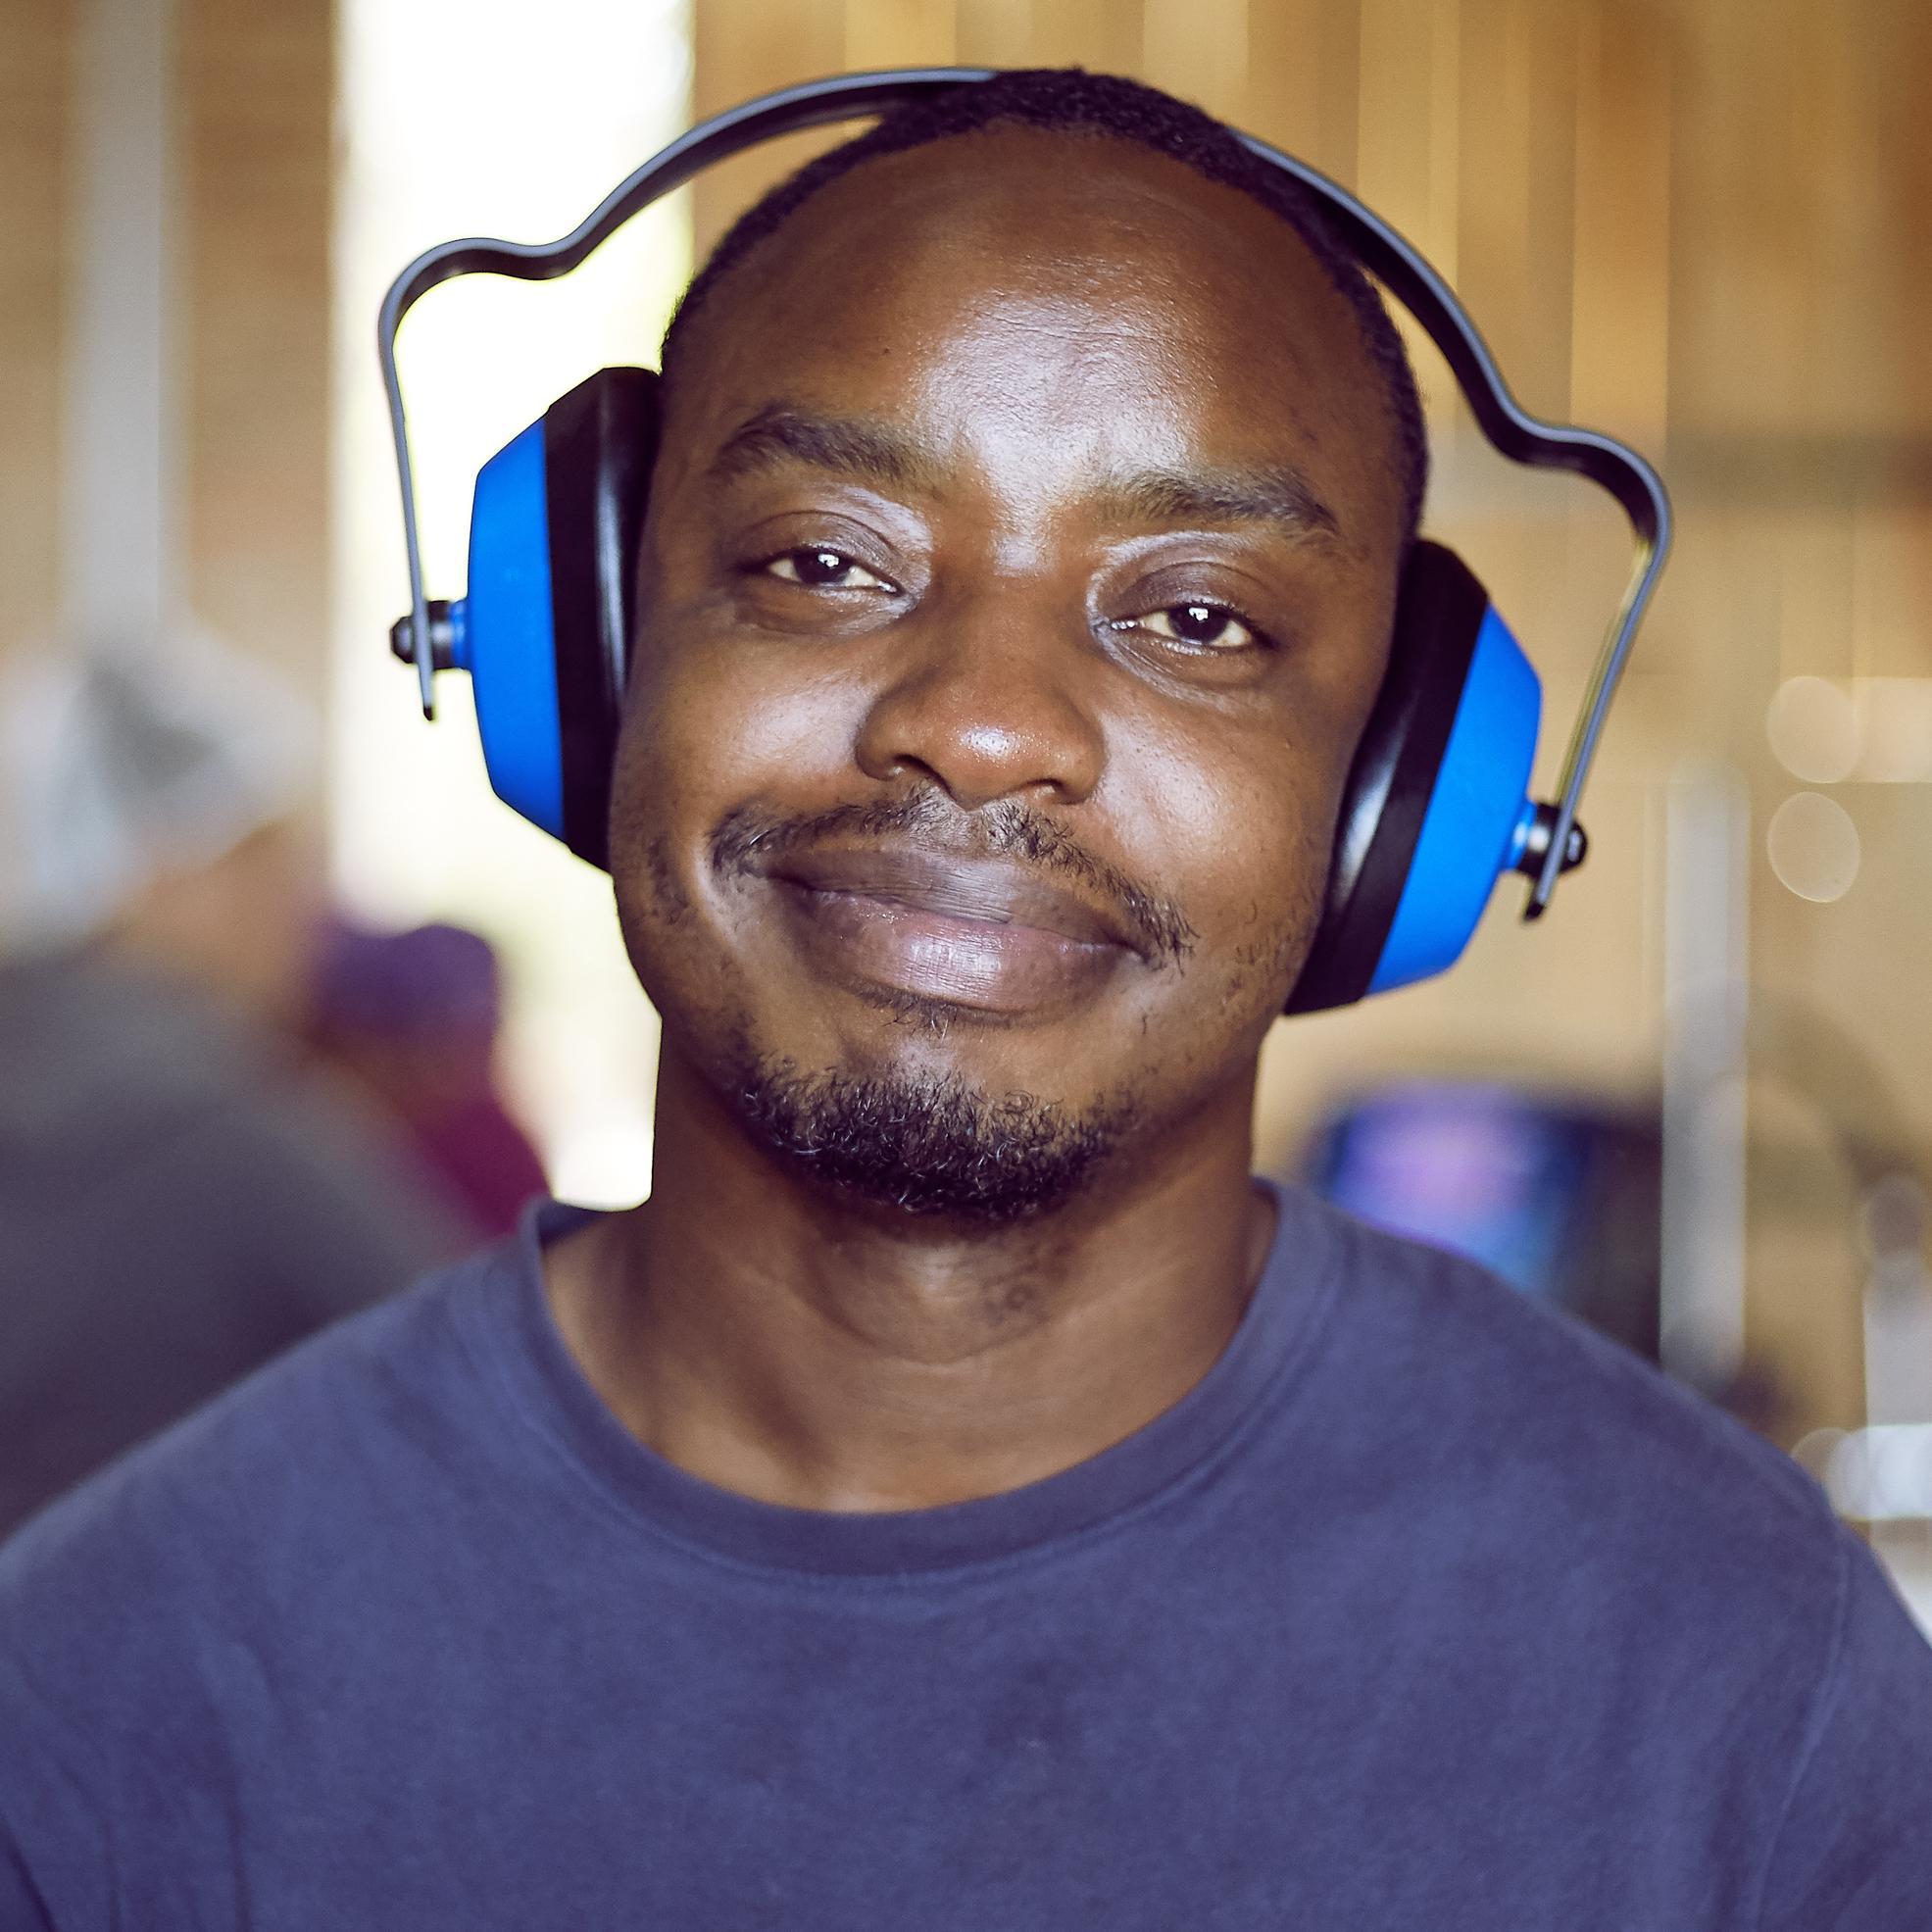 Lloyd Mkwanda